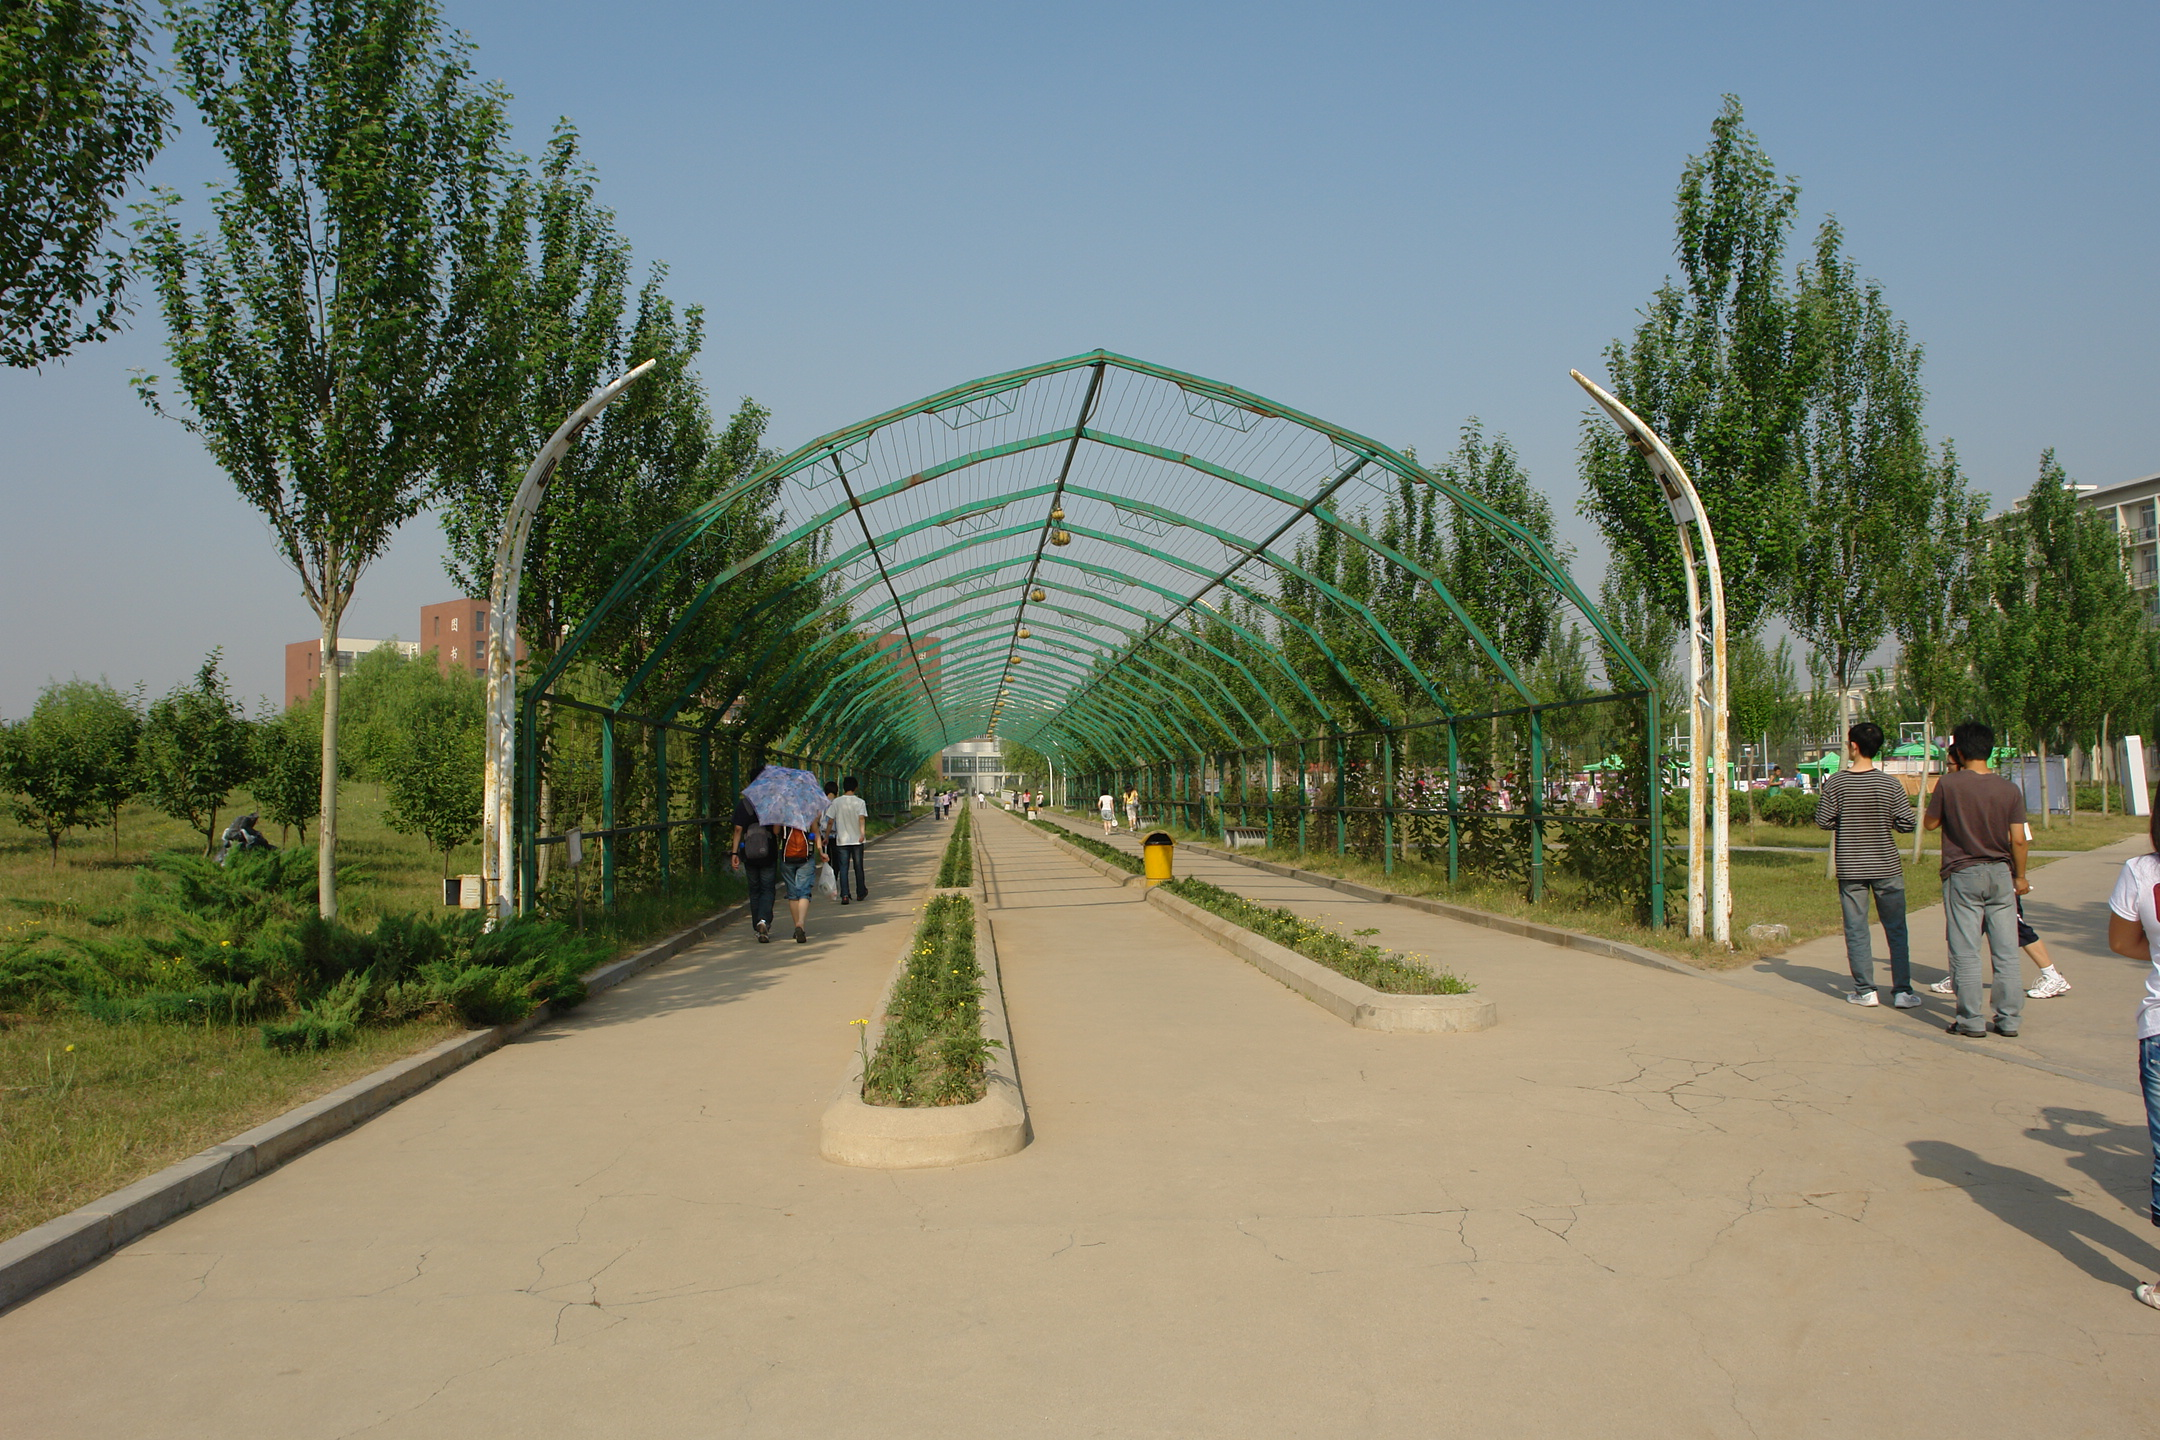 校园生态建筑景观_沈阳建筑大学校园景观文化——生态长廊